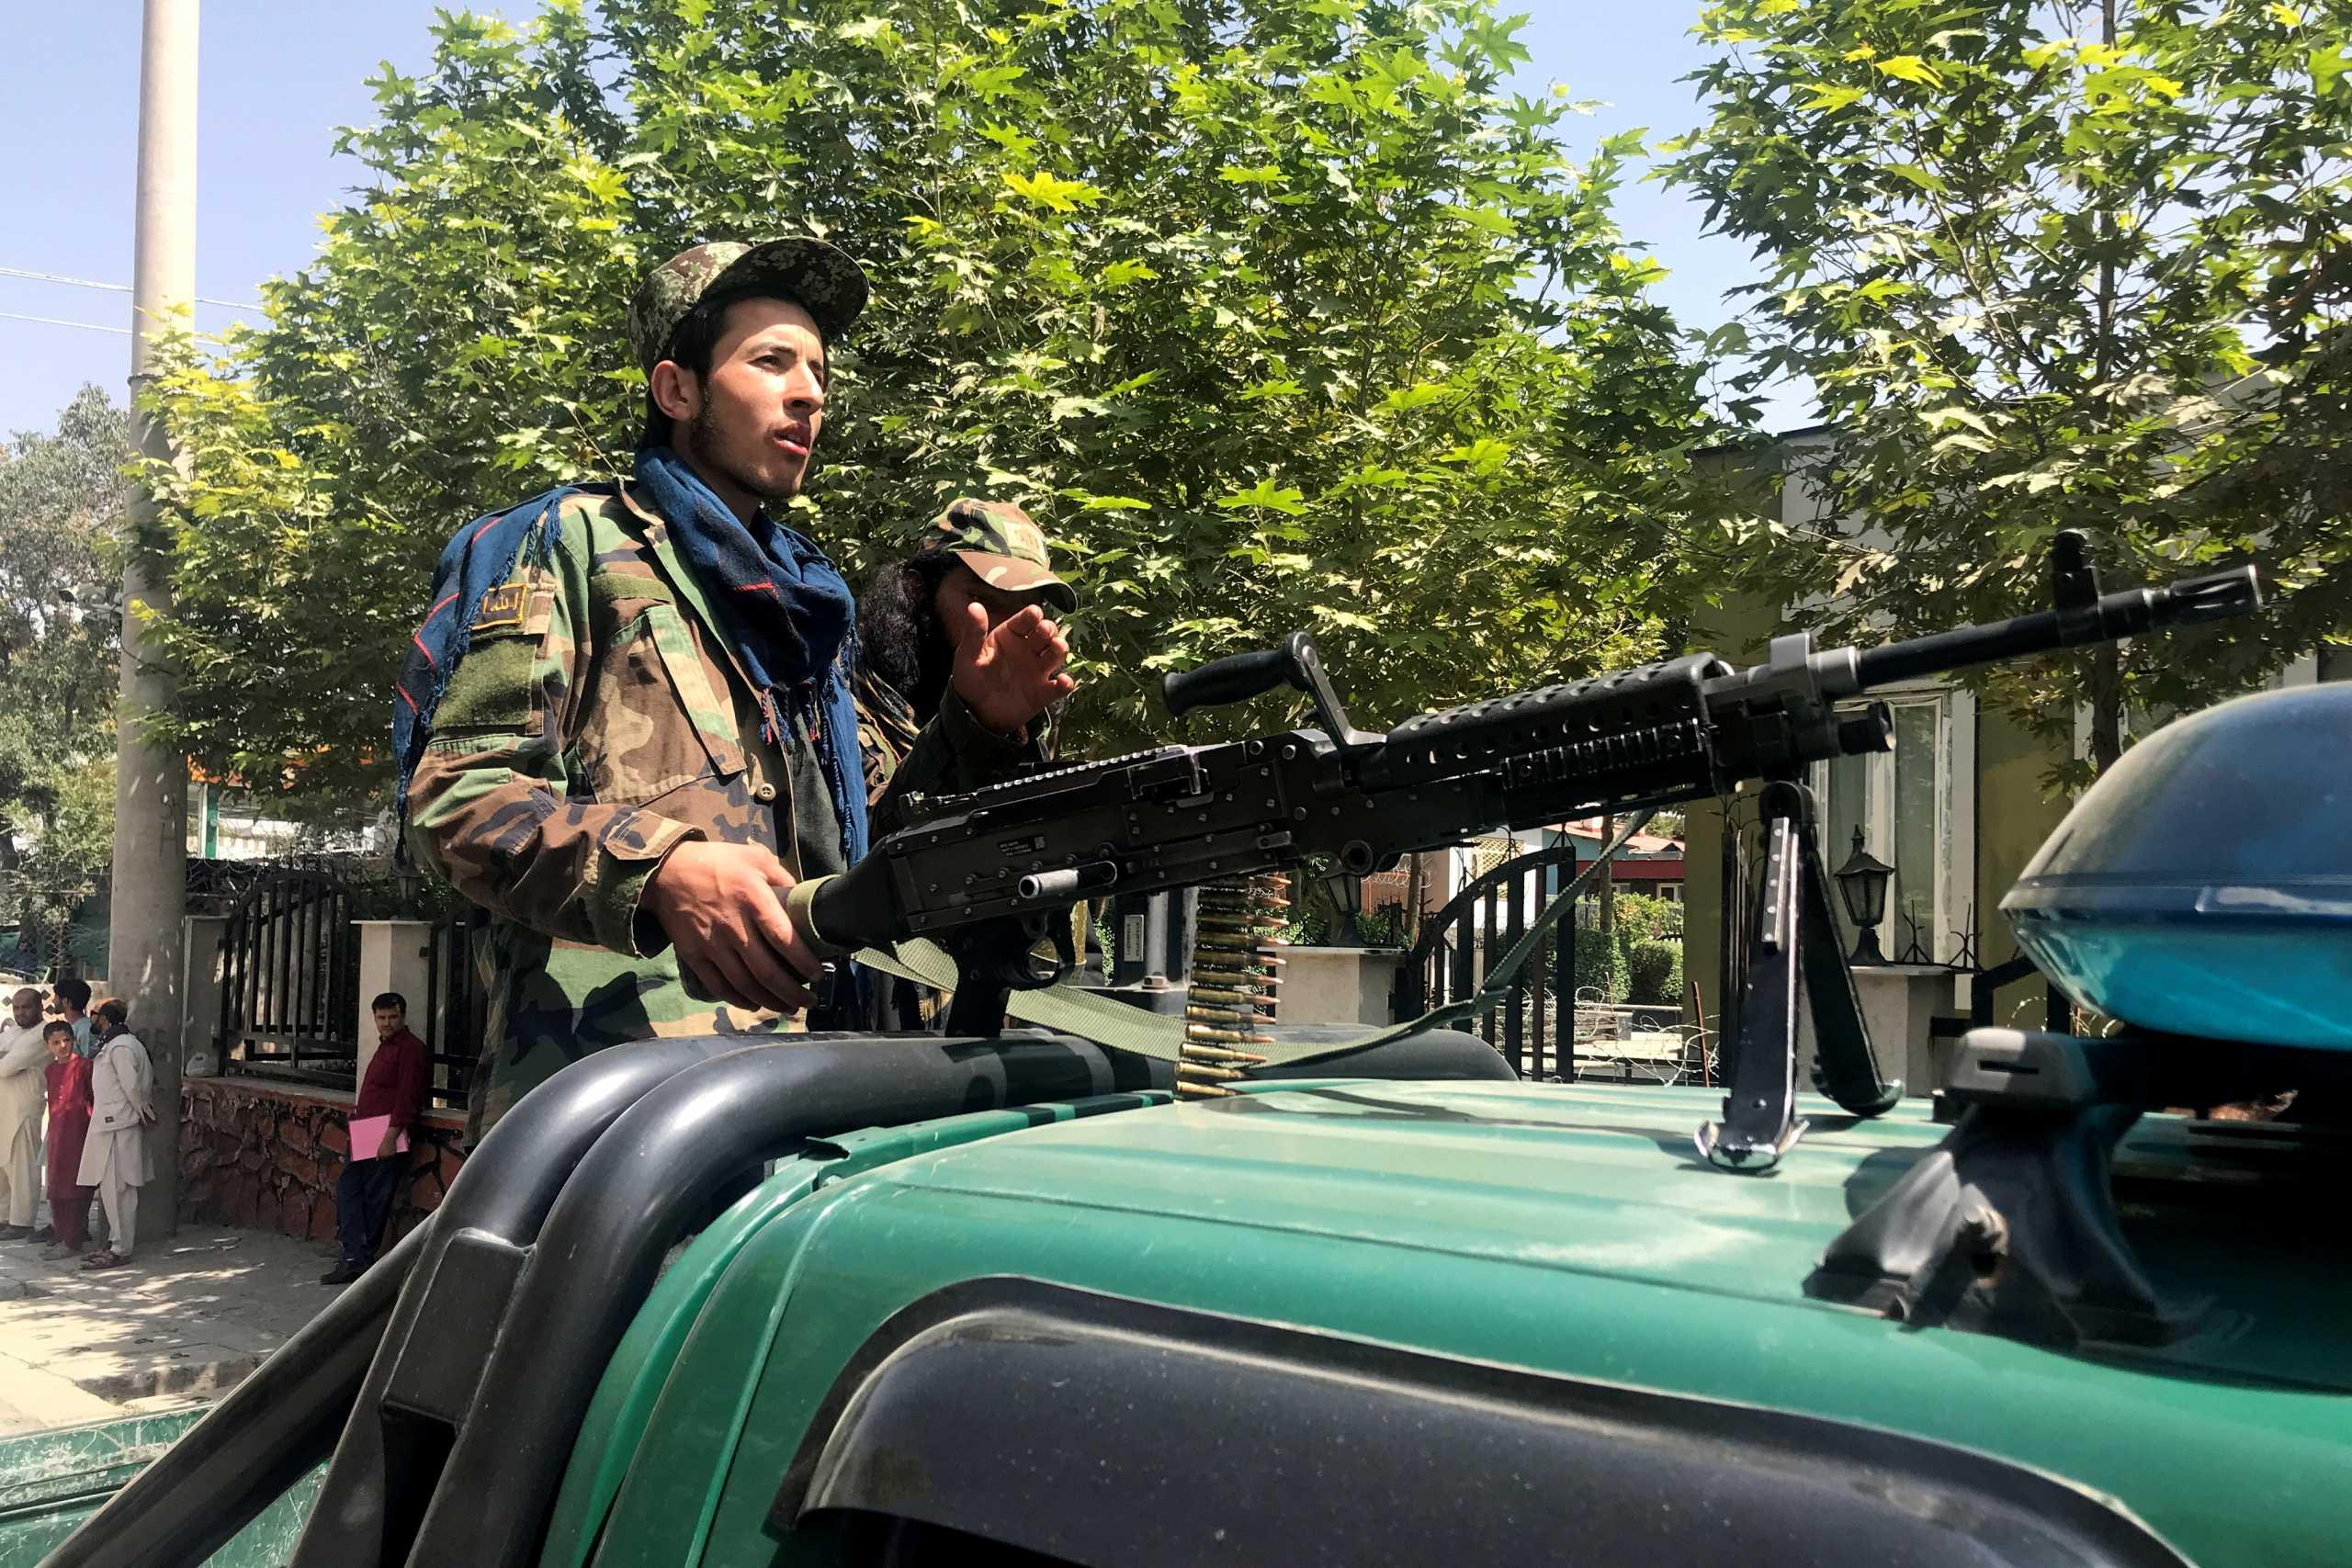 Αφγανιστάν: Οι Ταλιμπάν ανακοινώνουν τη νέα κυβέρνηση, την ώρα που η οικονομία καταρρέει